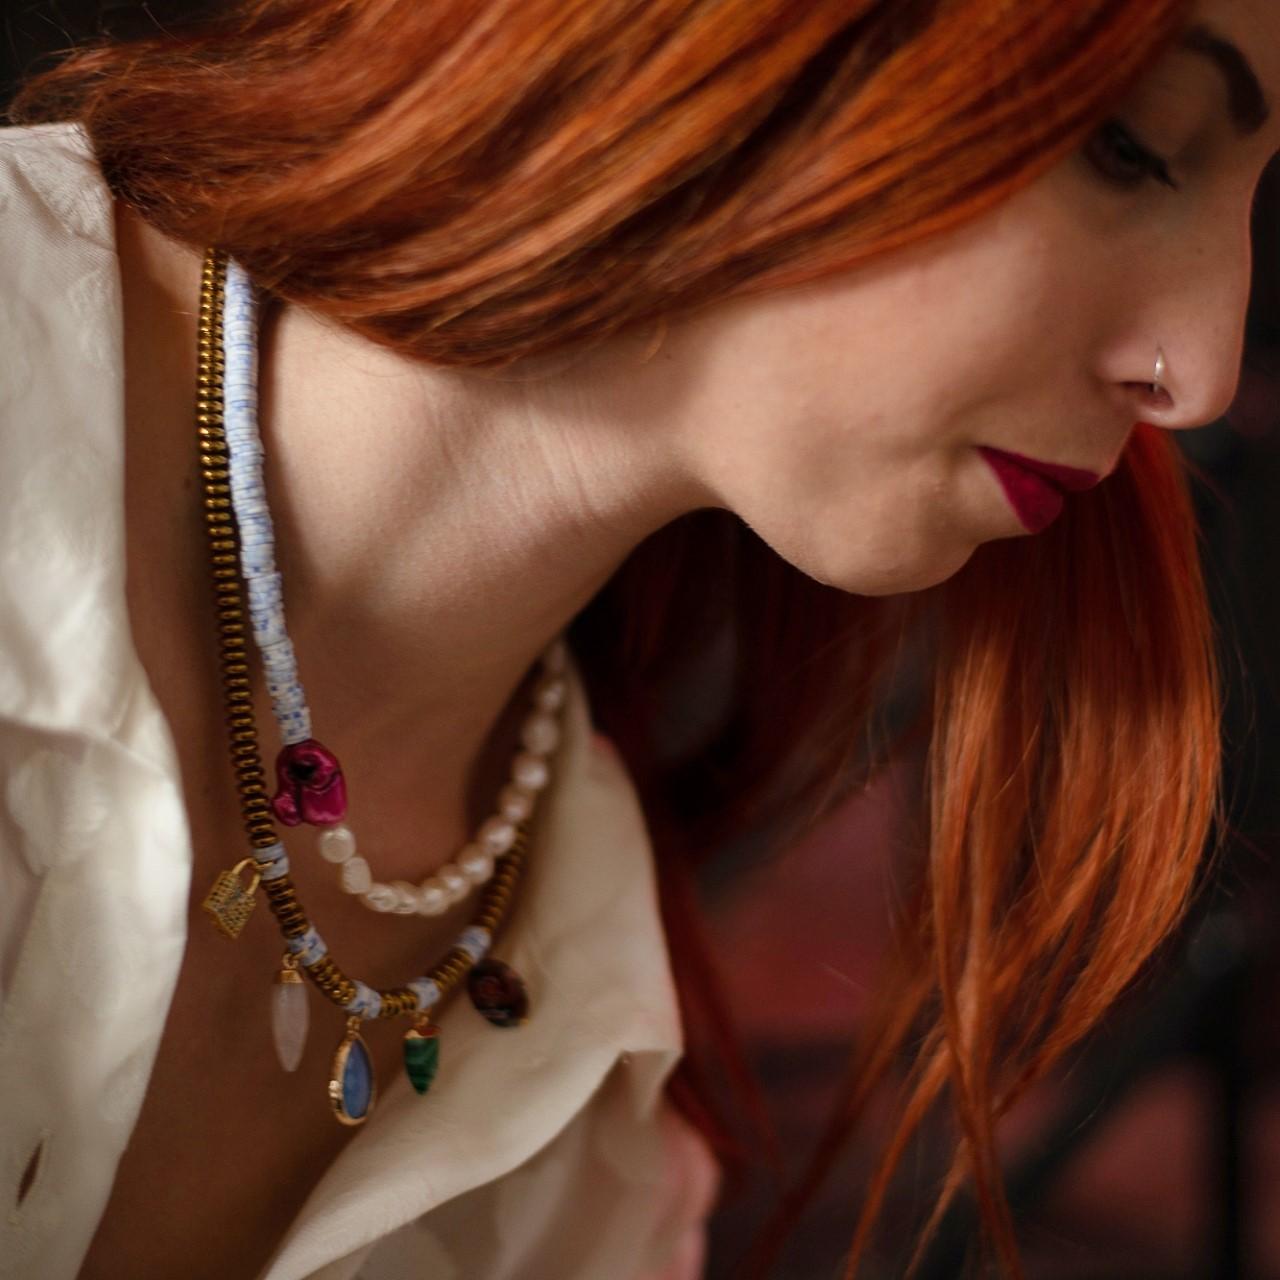 Τα κοσμήματα της Σόφης Μουκίδου υπόσχονται να κάνουν αυτά τα Χριστούγεννα μοναδικά